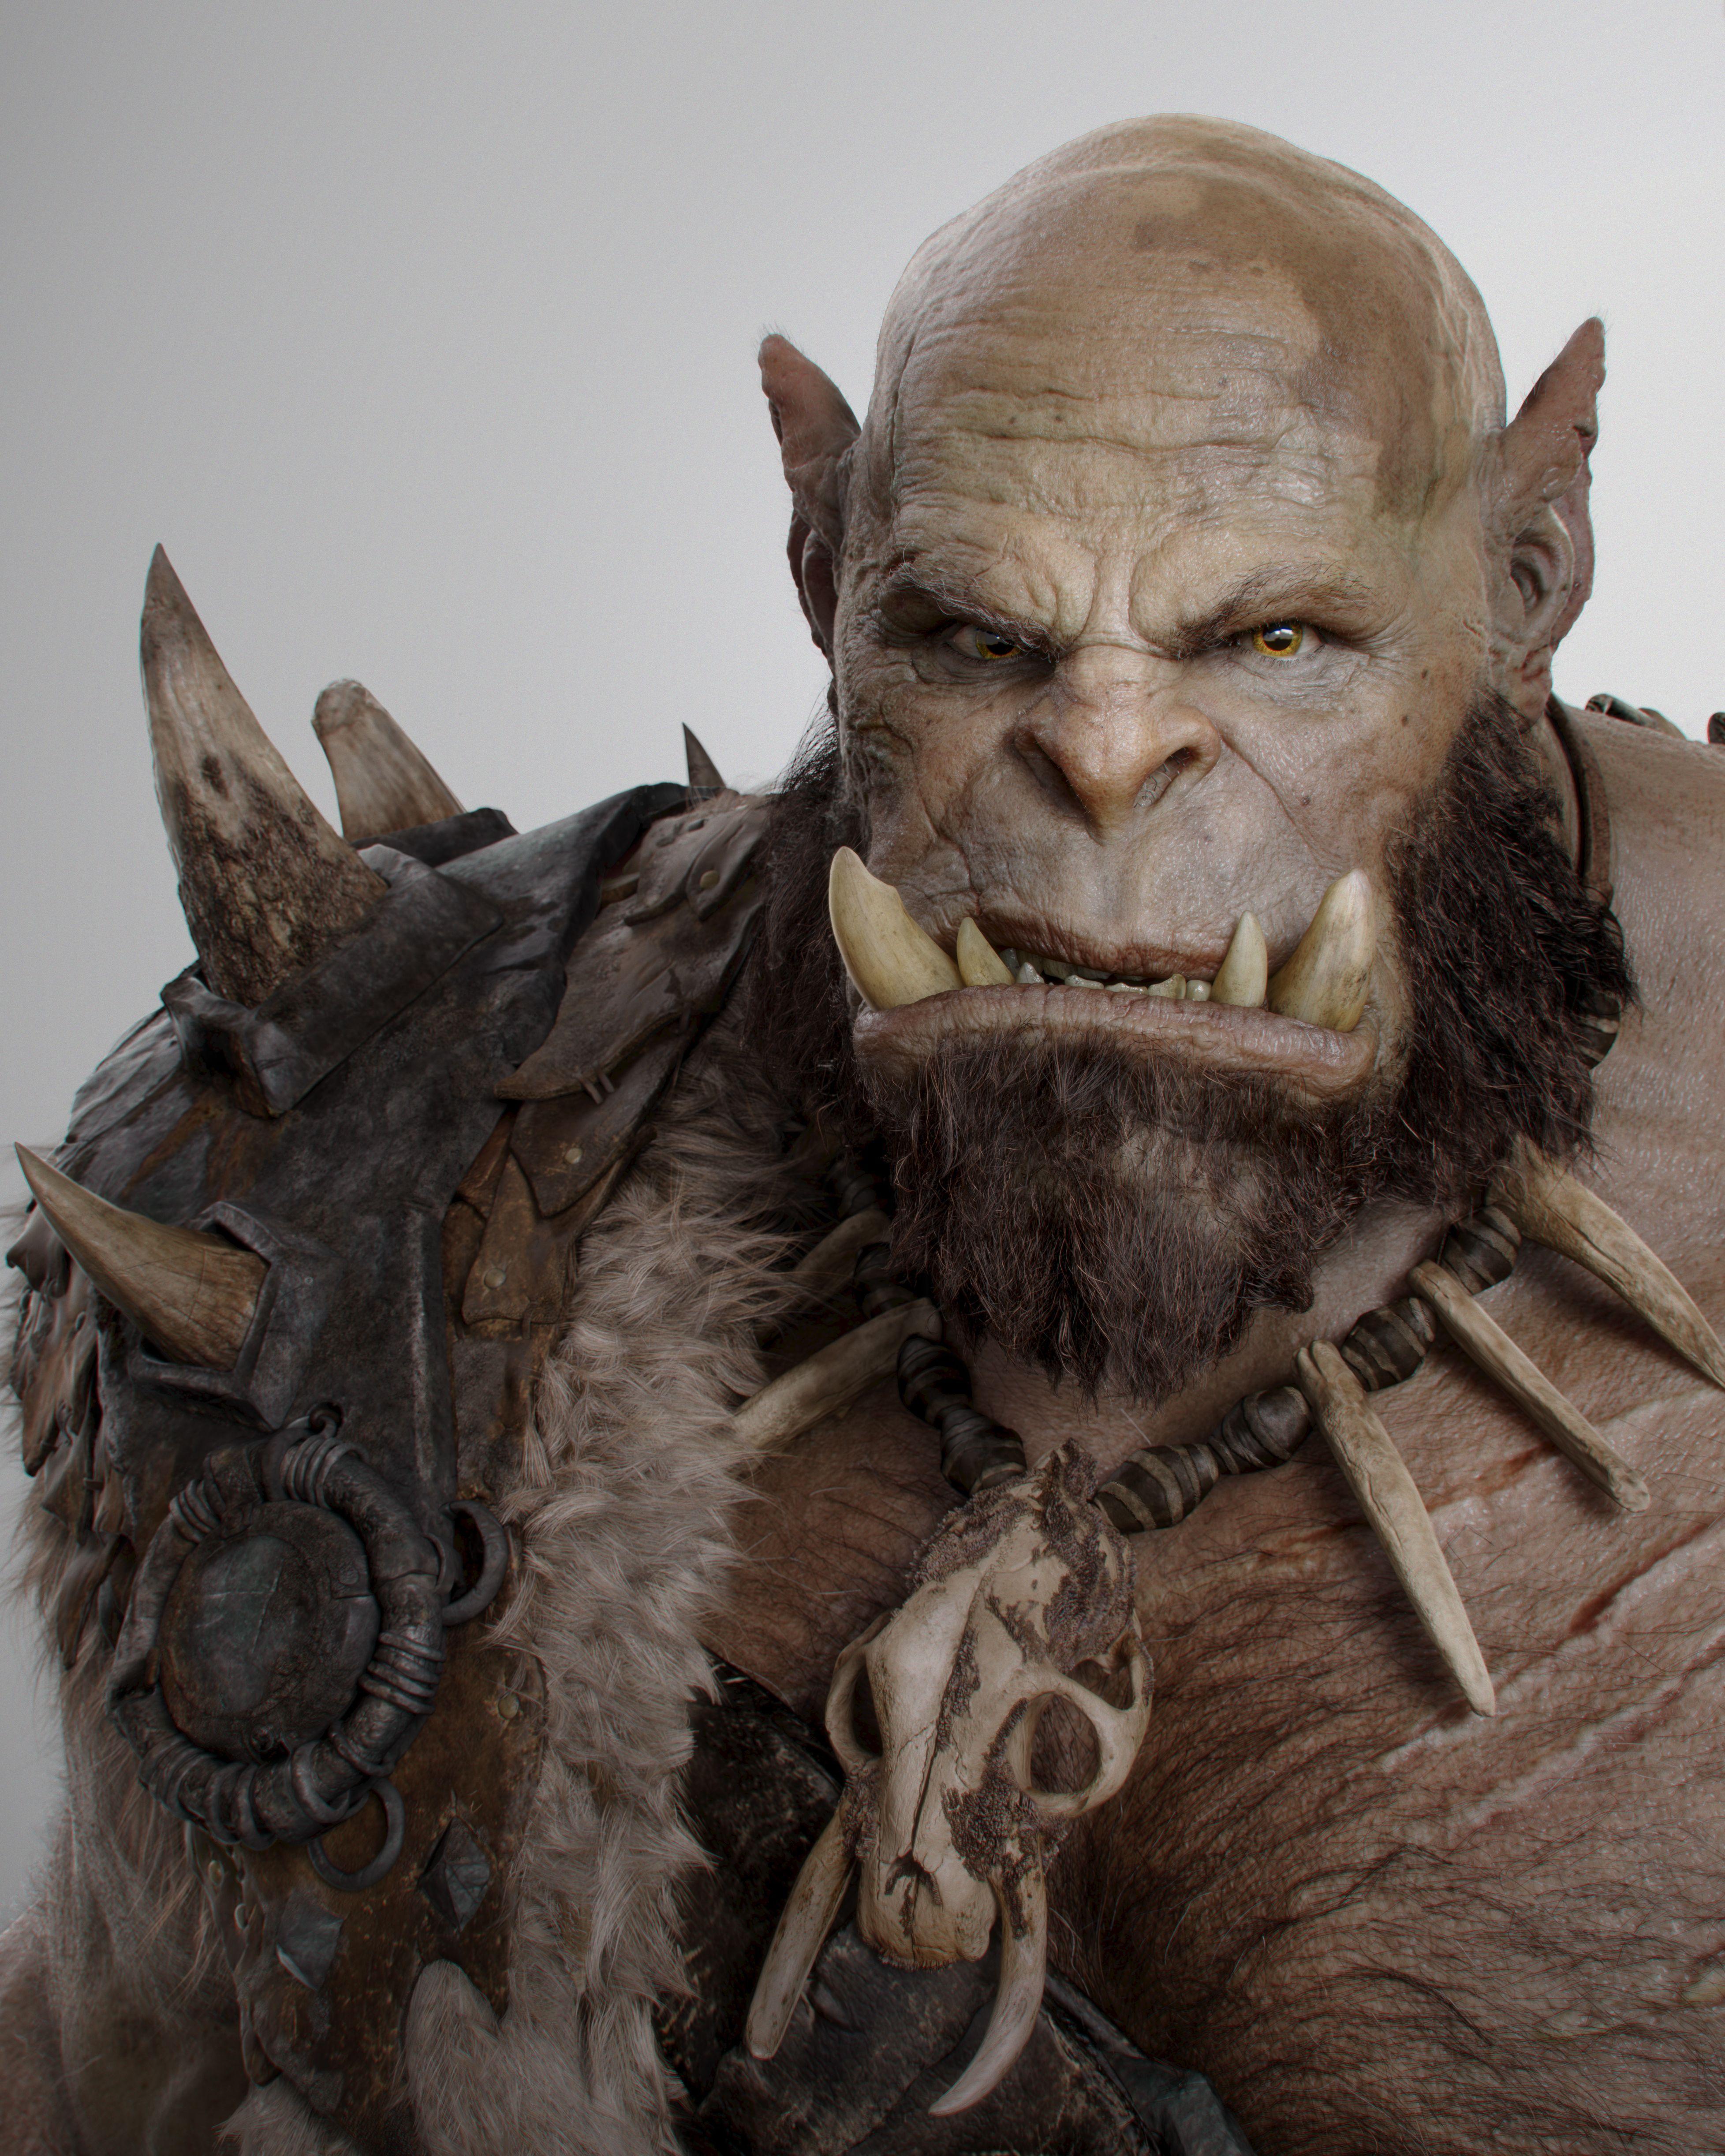 Warcraft Orgrim Warcraft Movie Warcraft Orc World Of Warcraft Movie